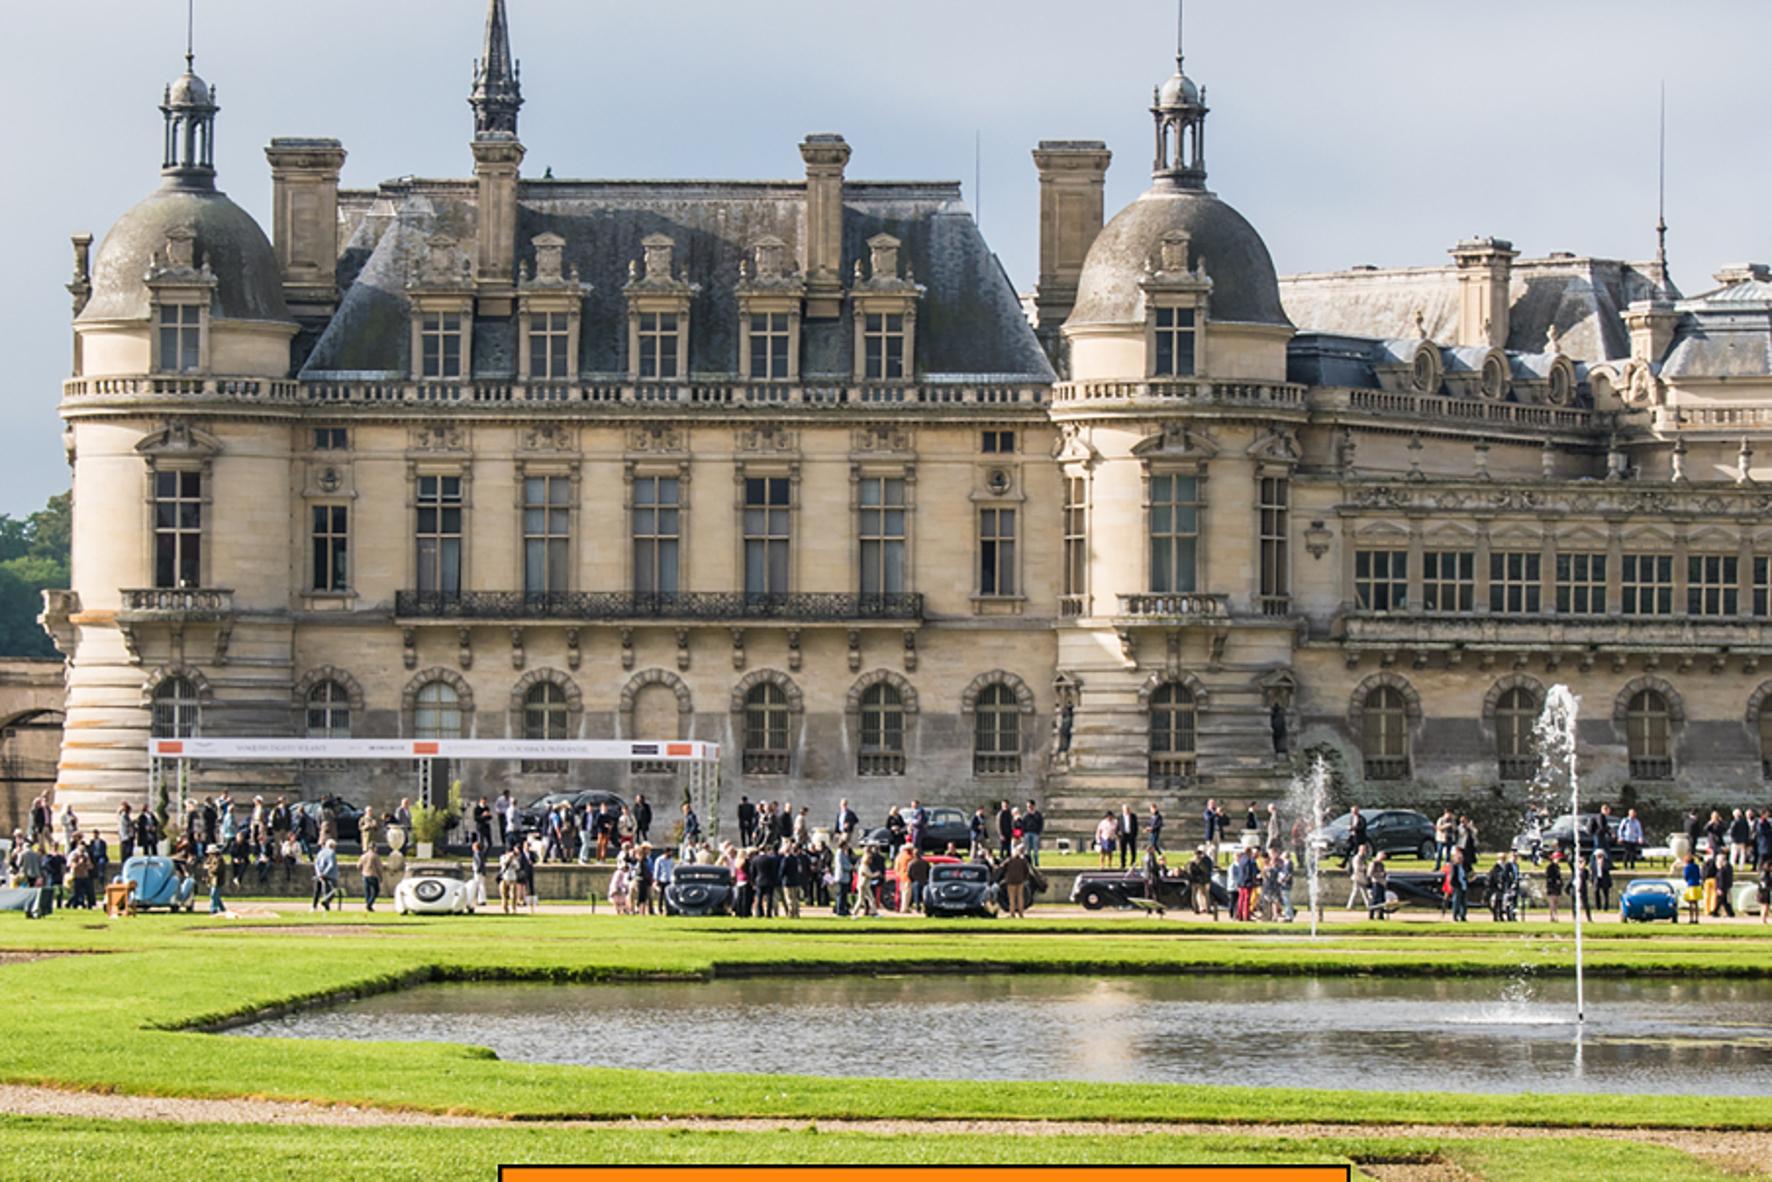 mid Groß-Gerau - Französische Pracht: das Schloss Chantilly 50 Kilometer nordöstlich von Paris. Lexus